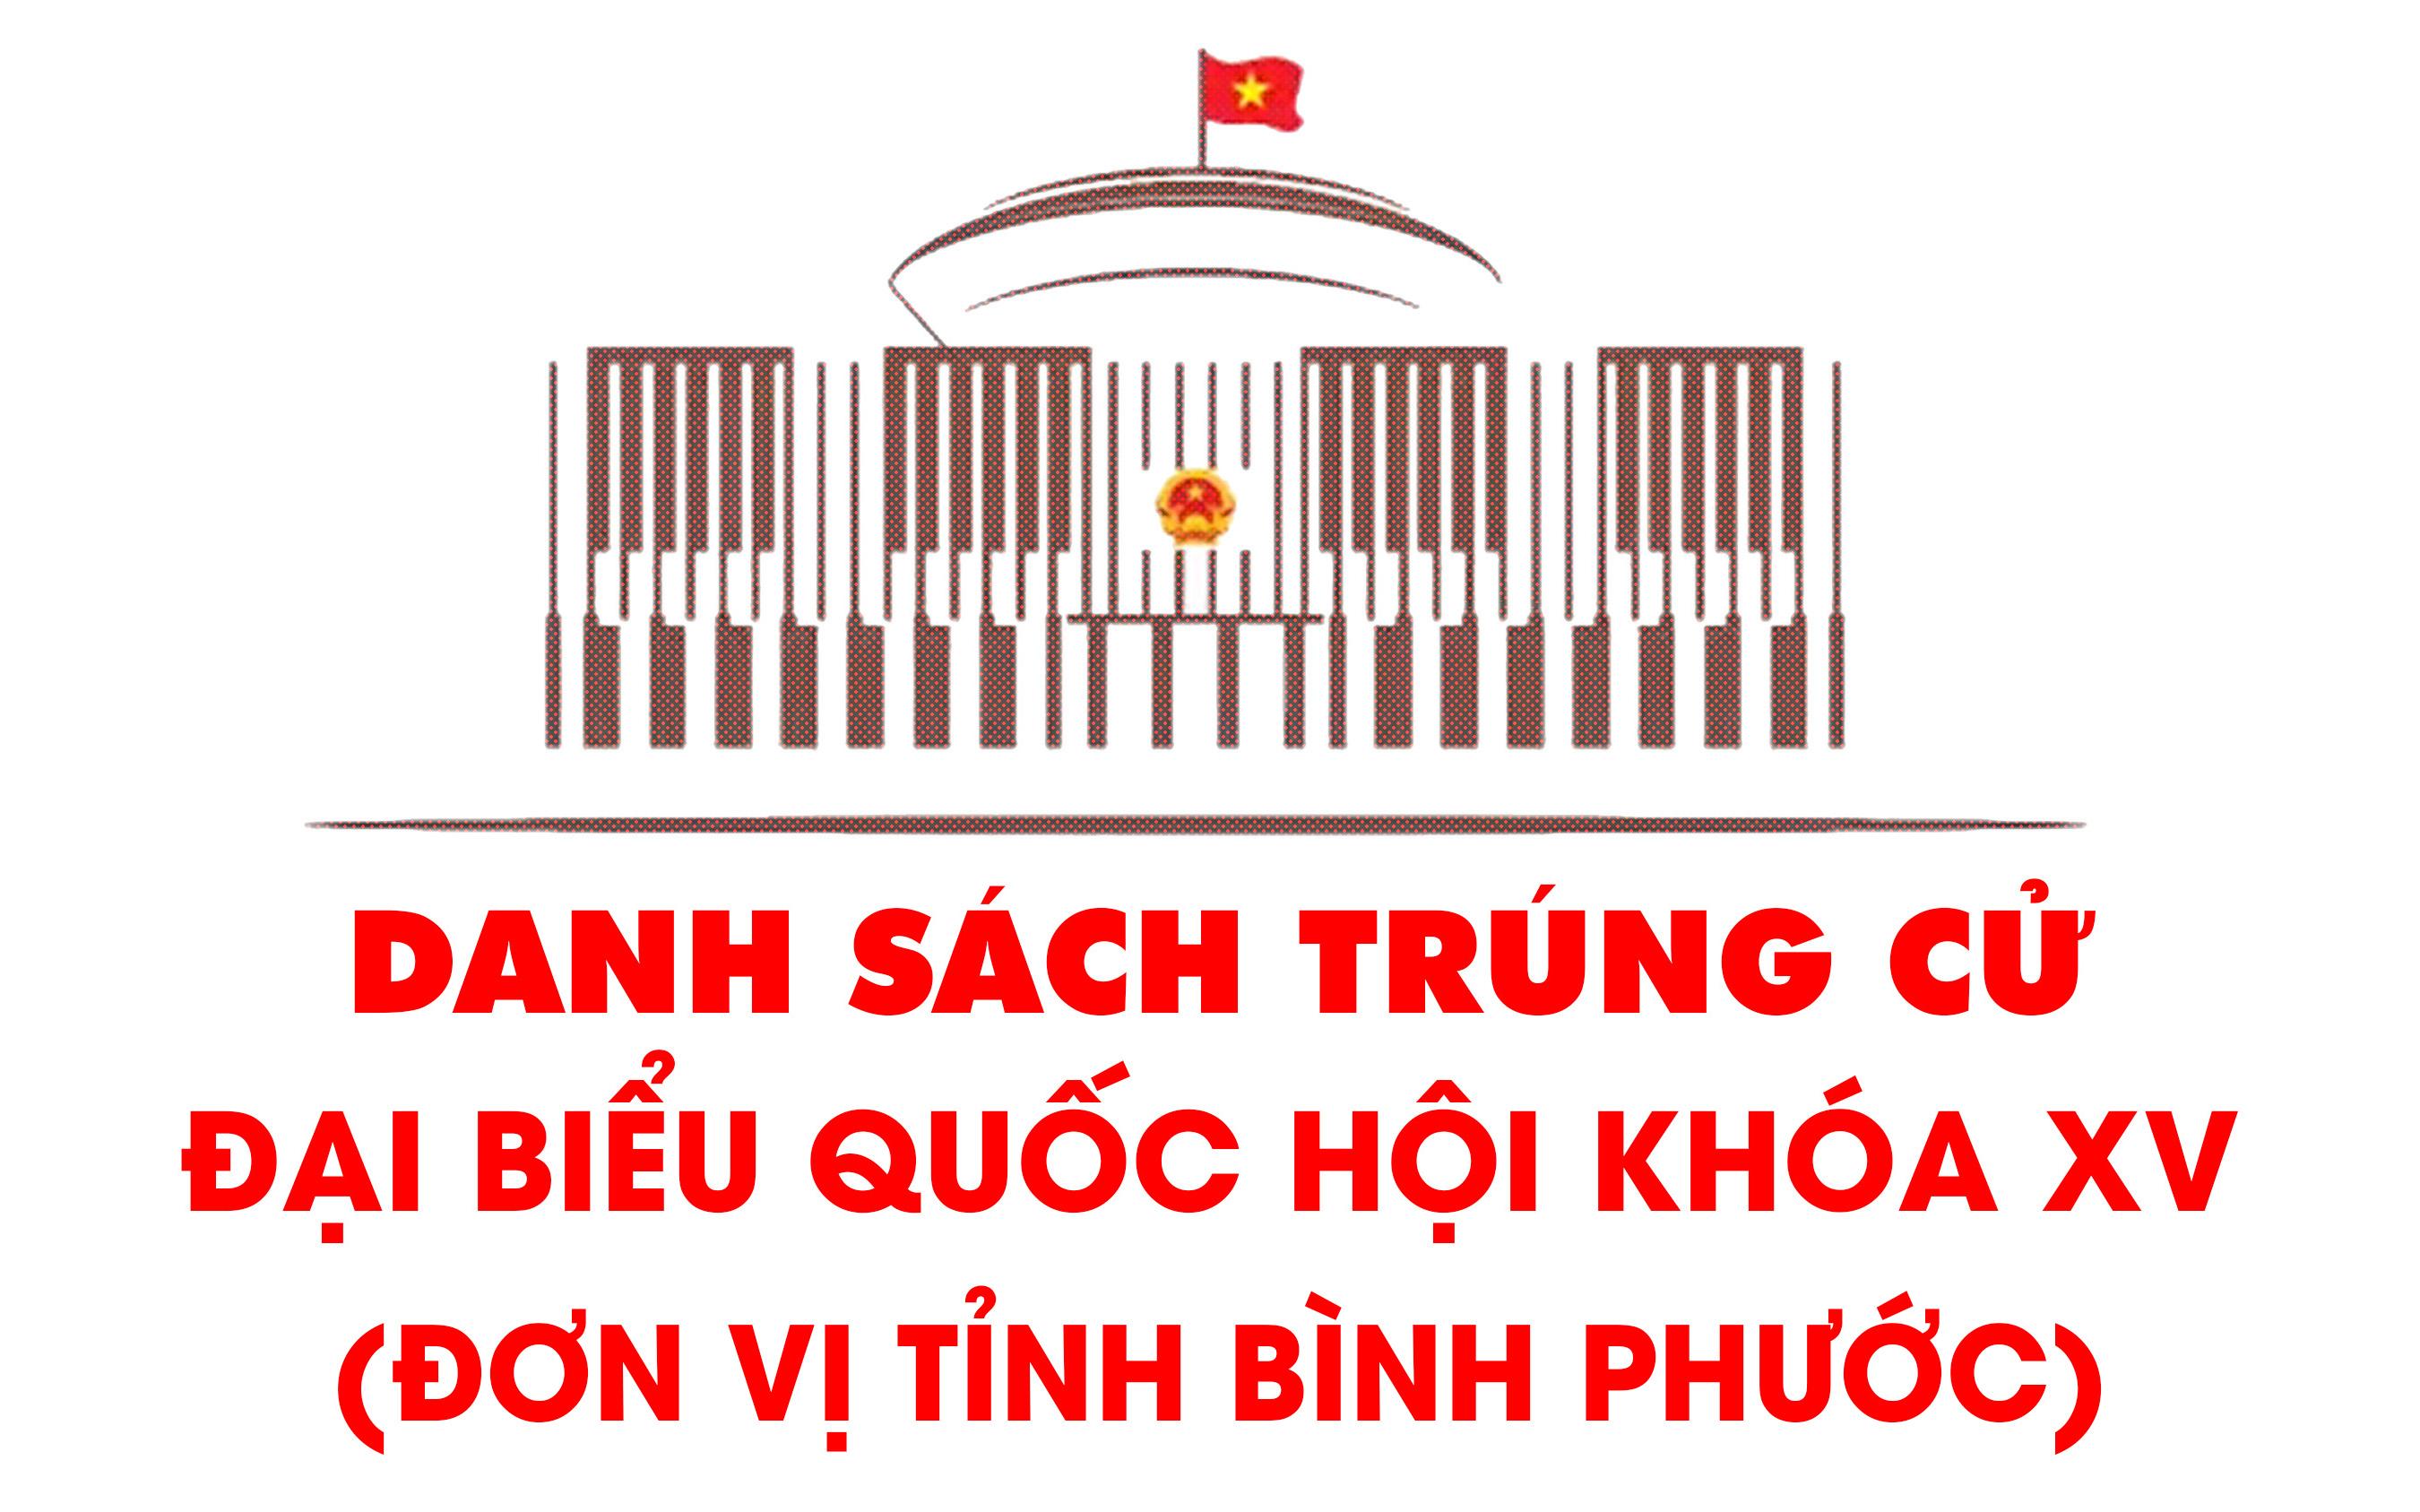 Danh sách đại biểu tỉnh Bình Phước trúng cử Quốc hội khóa XV, nhiệm kỳ 2021-2026